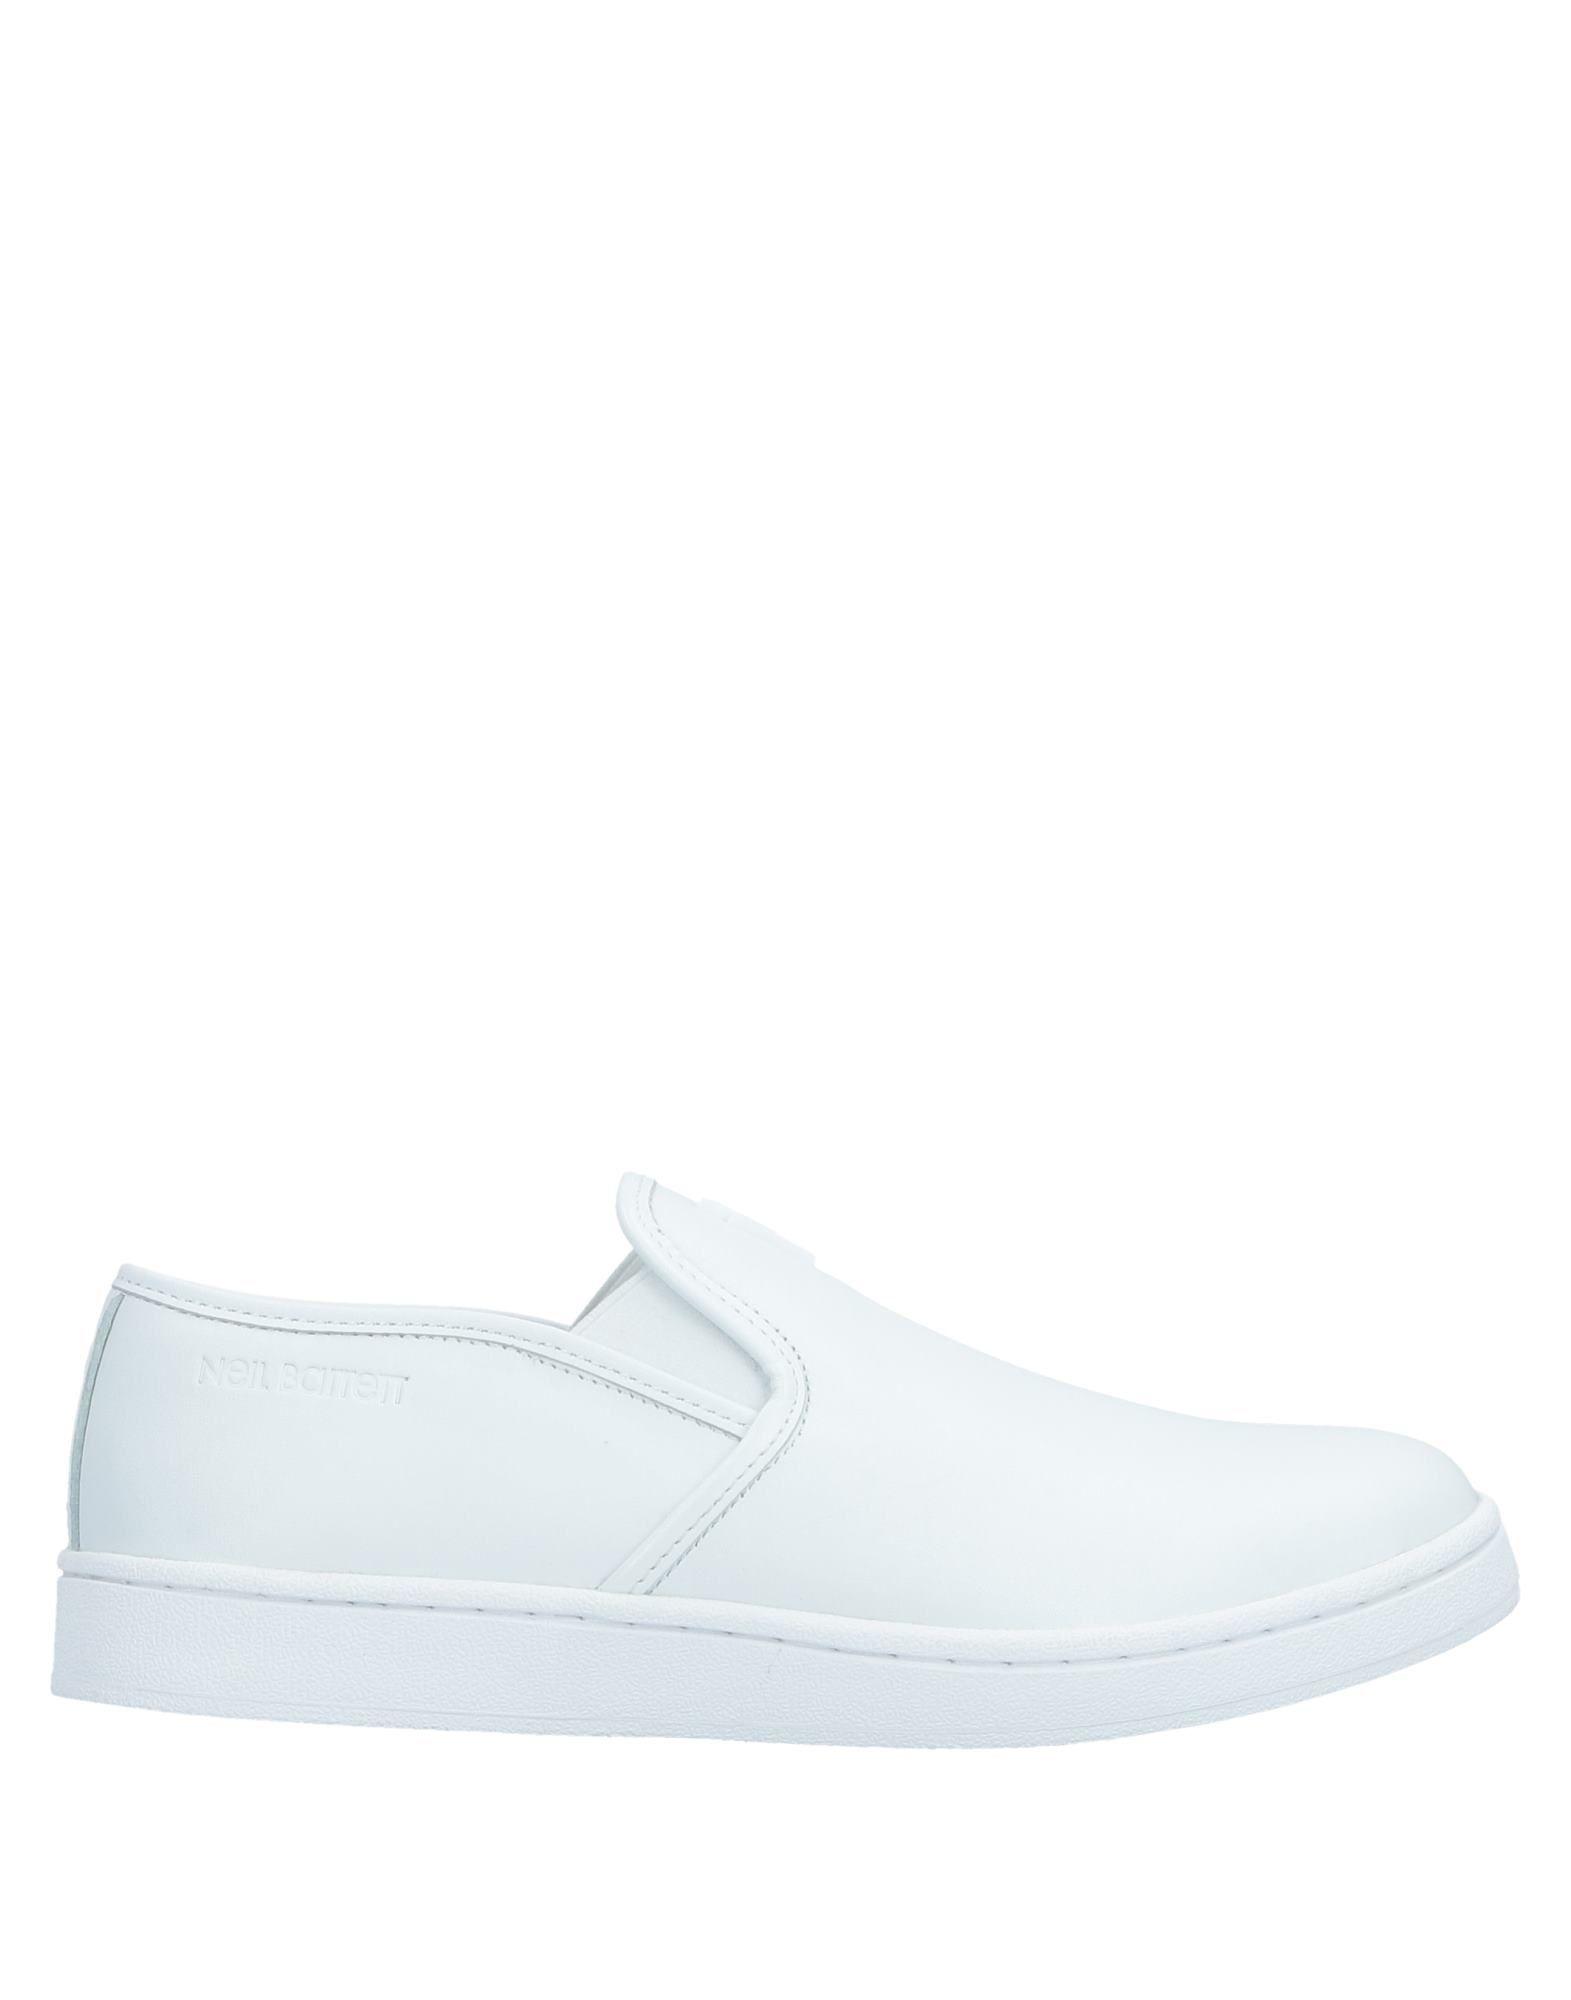 Neil Barrett Sneakers Damen  11522478BUGünstige gut aussehende Schuhe